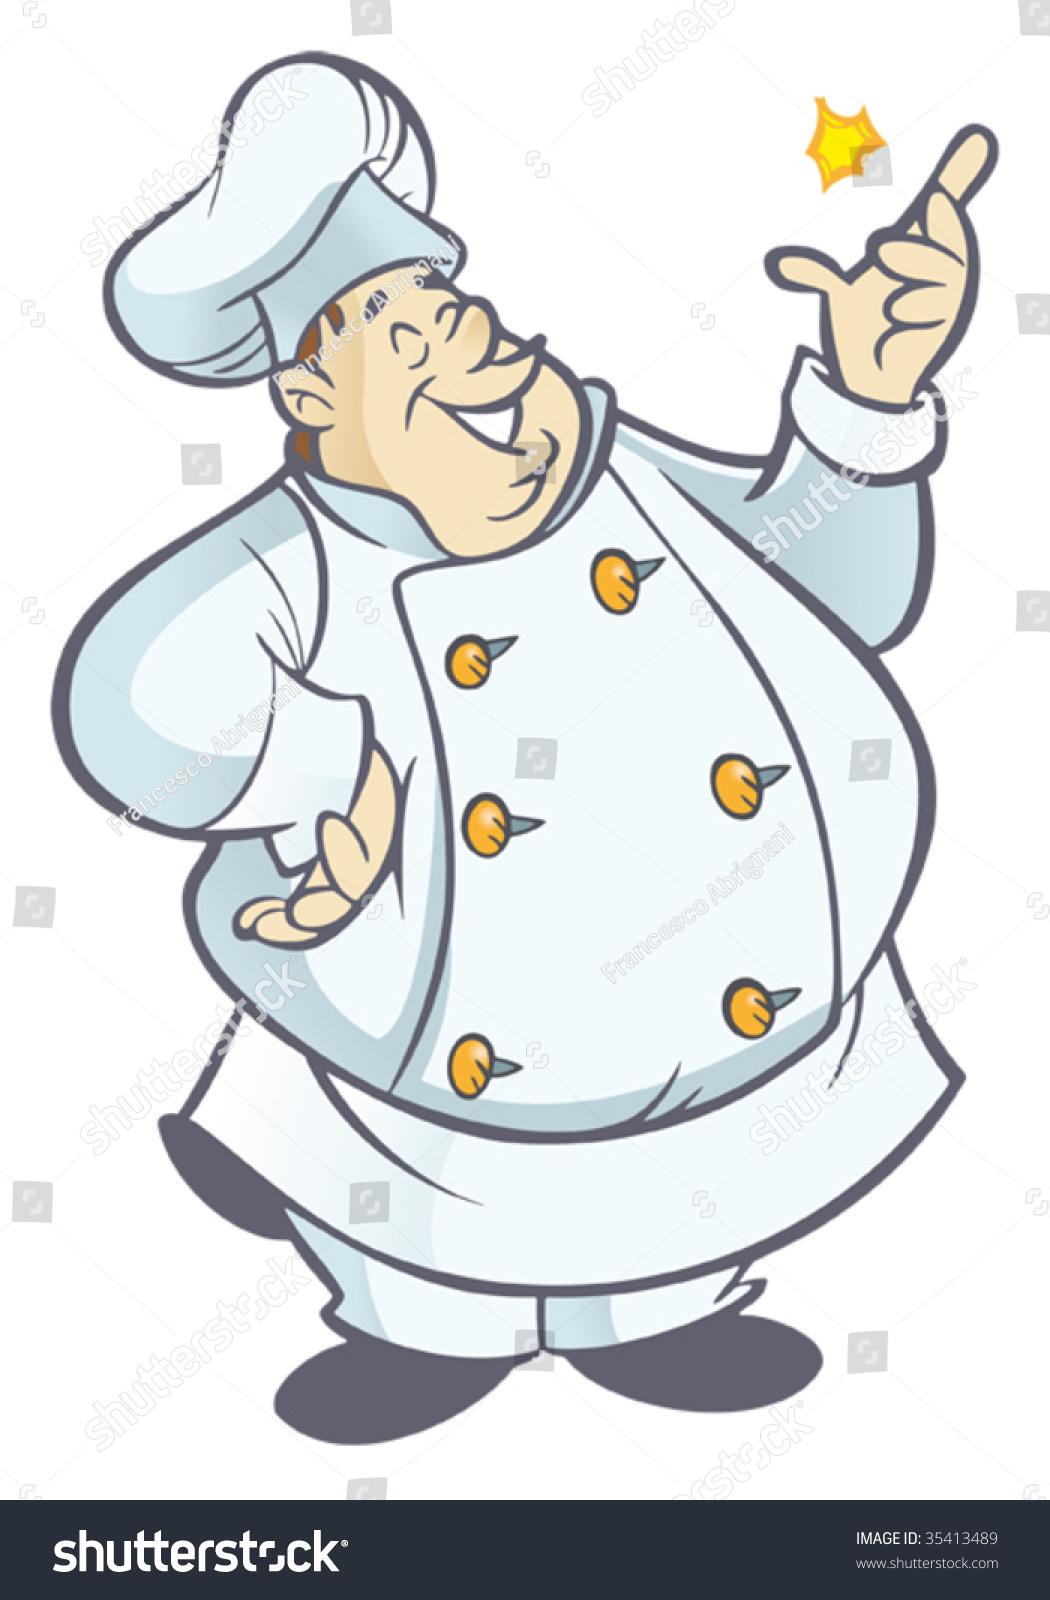 在白色制服掰手指胖厨师卡通-食品及饮料,插图/剪贴图